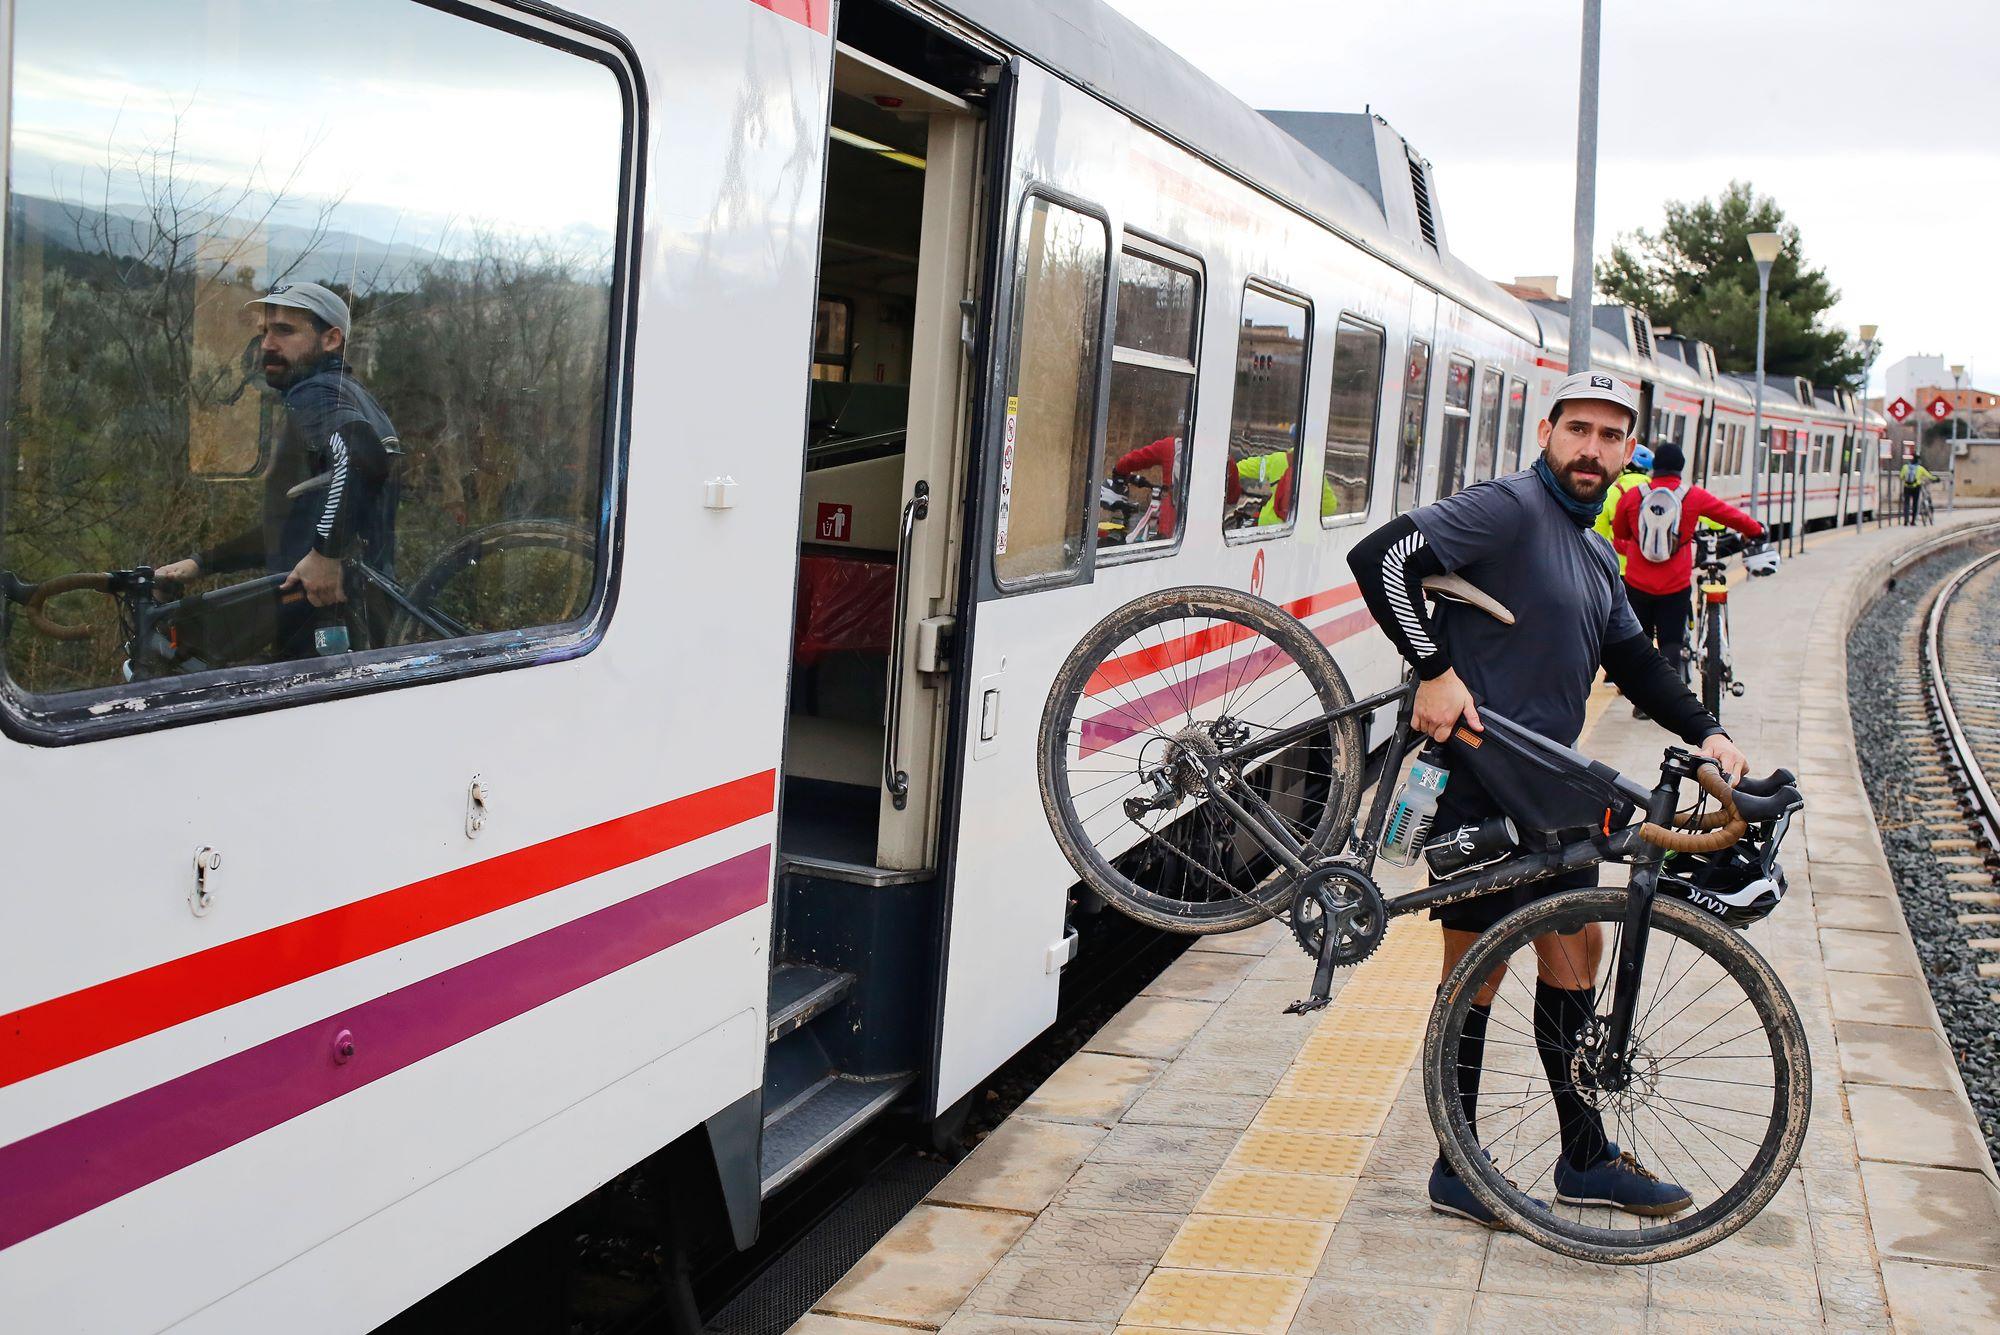 Los ciclistas llegan en tren al lugar que hayan determinado como su punto de partida.